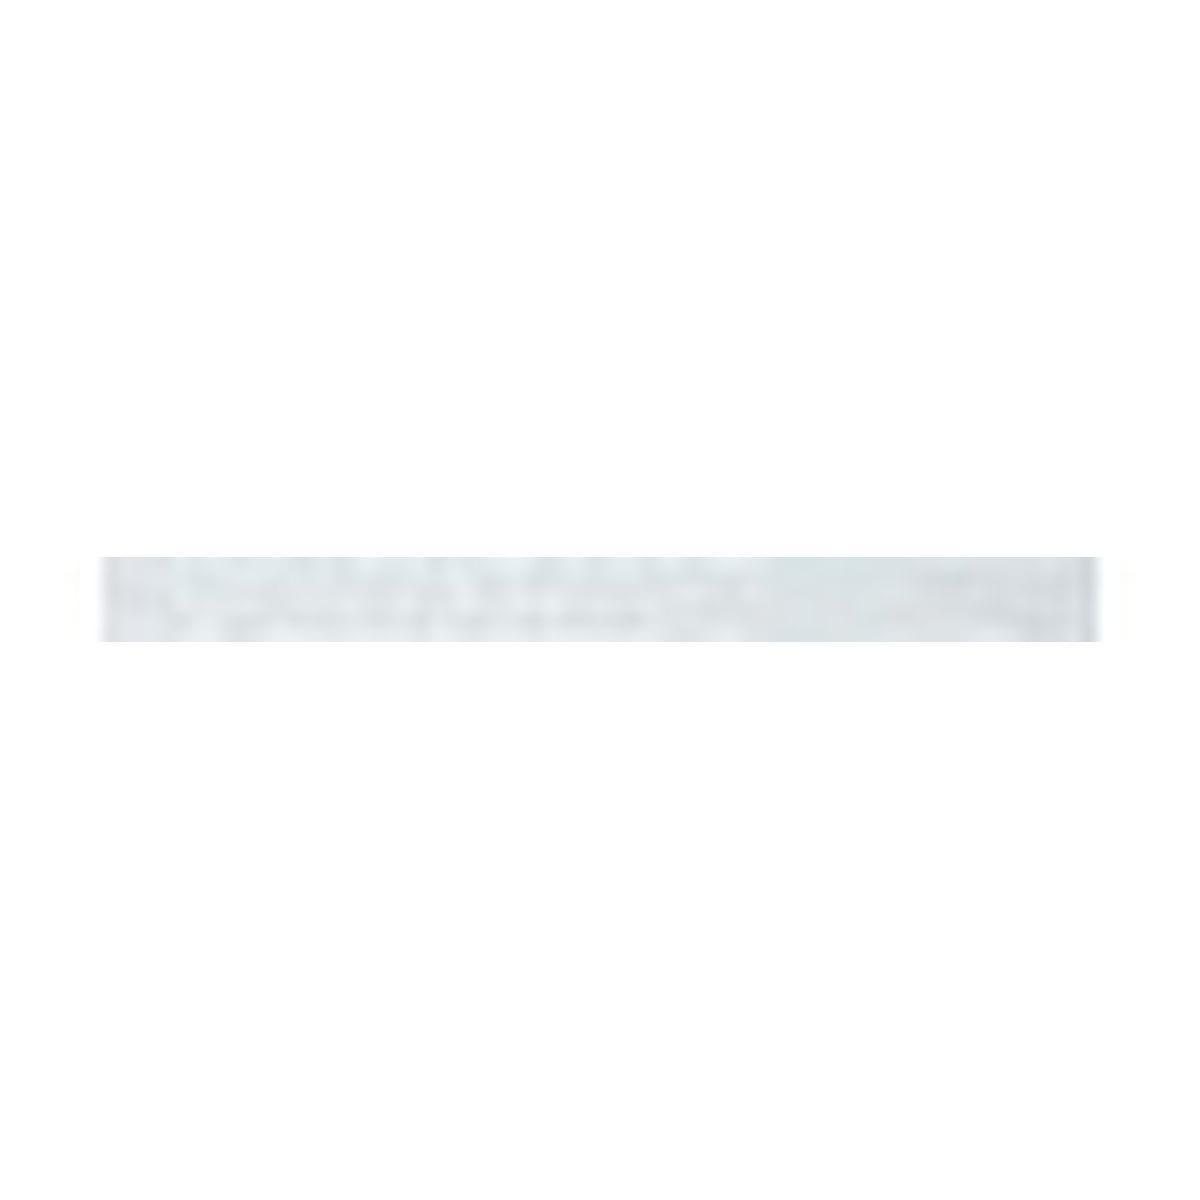 Дверная коробка Перекладина D.Craft 700 Белая